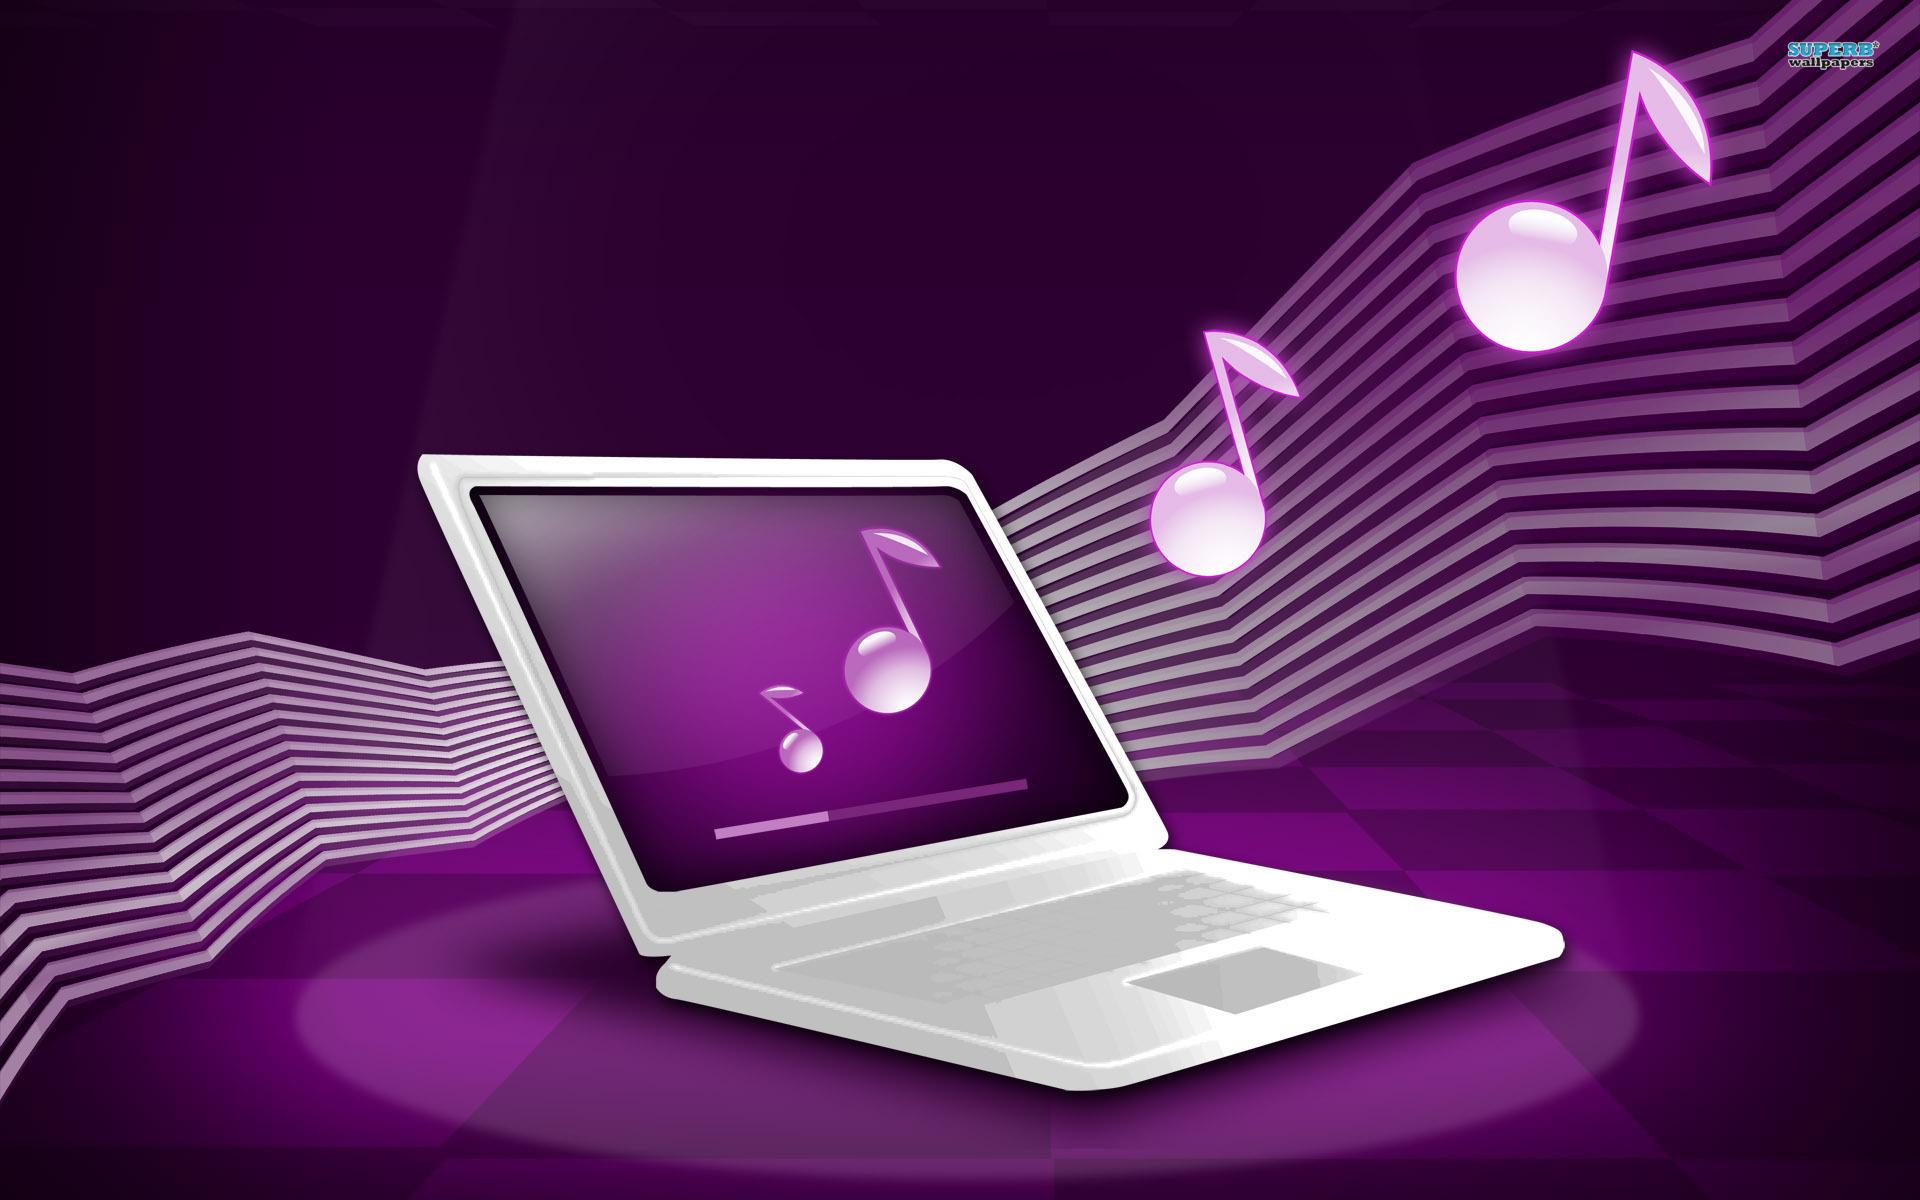 Technology Background Laptop: Laptop Backgrounds